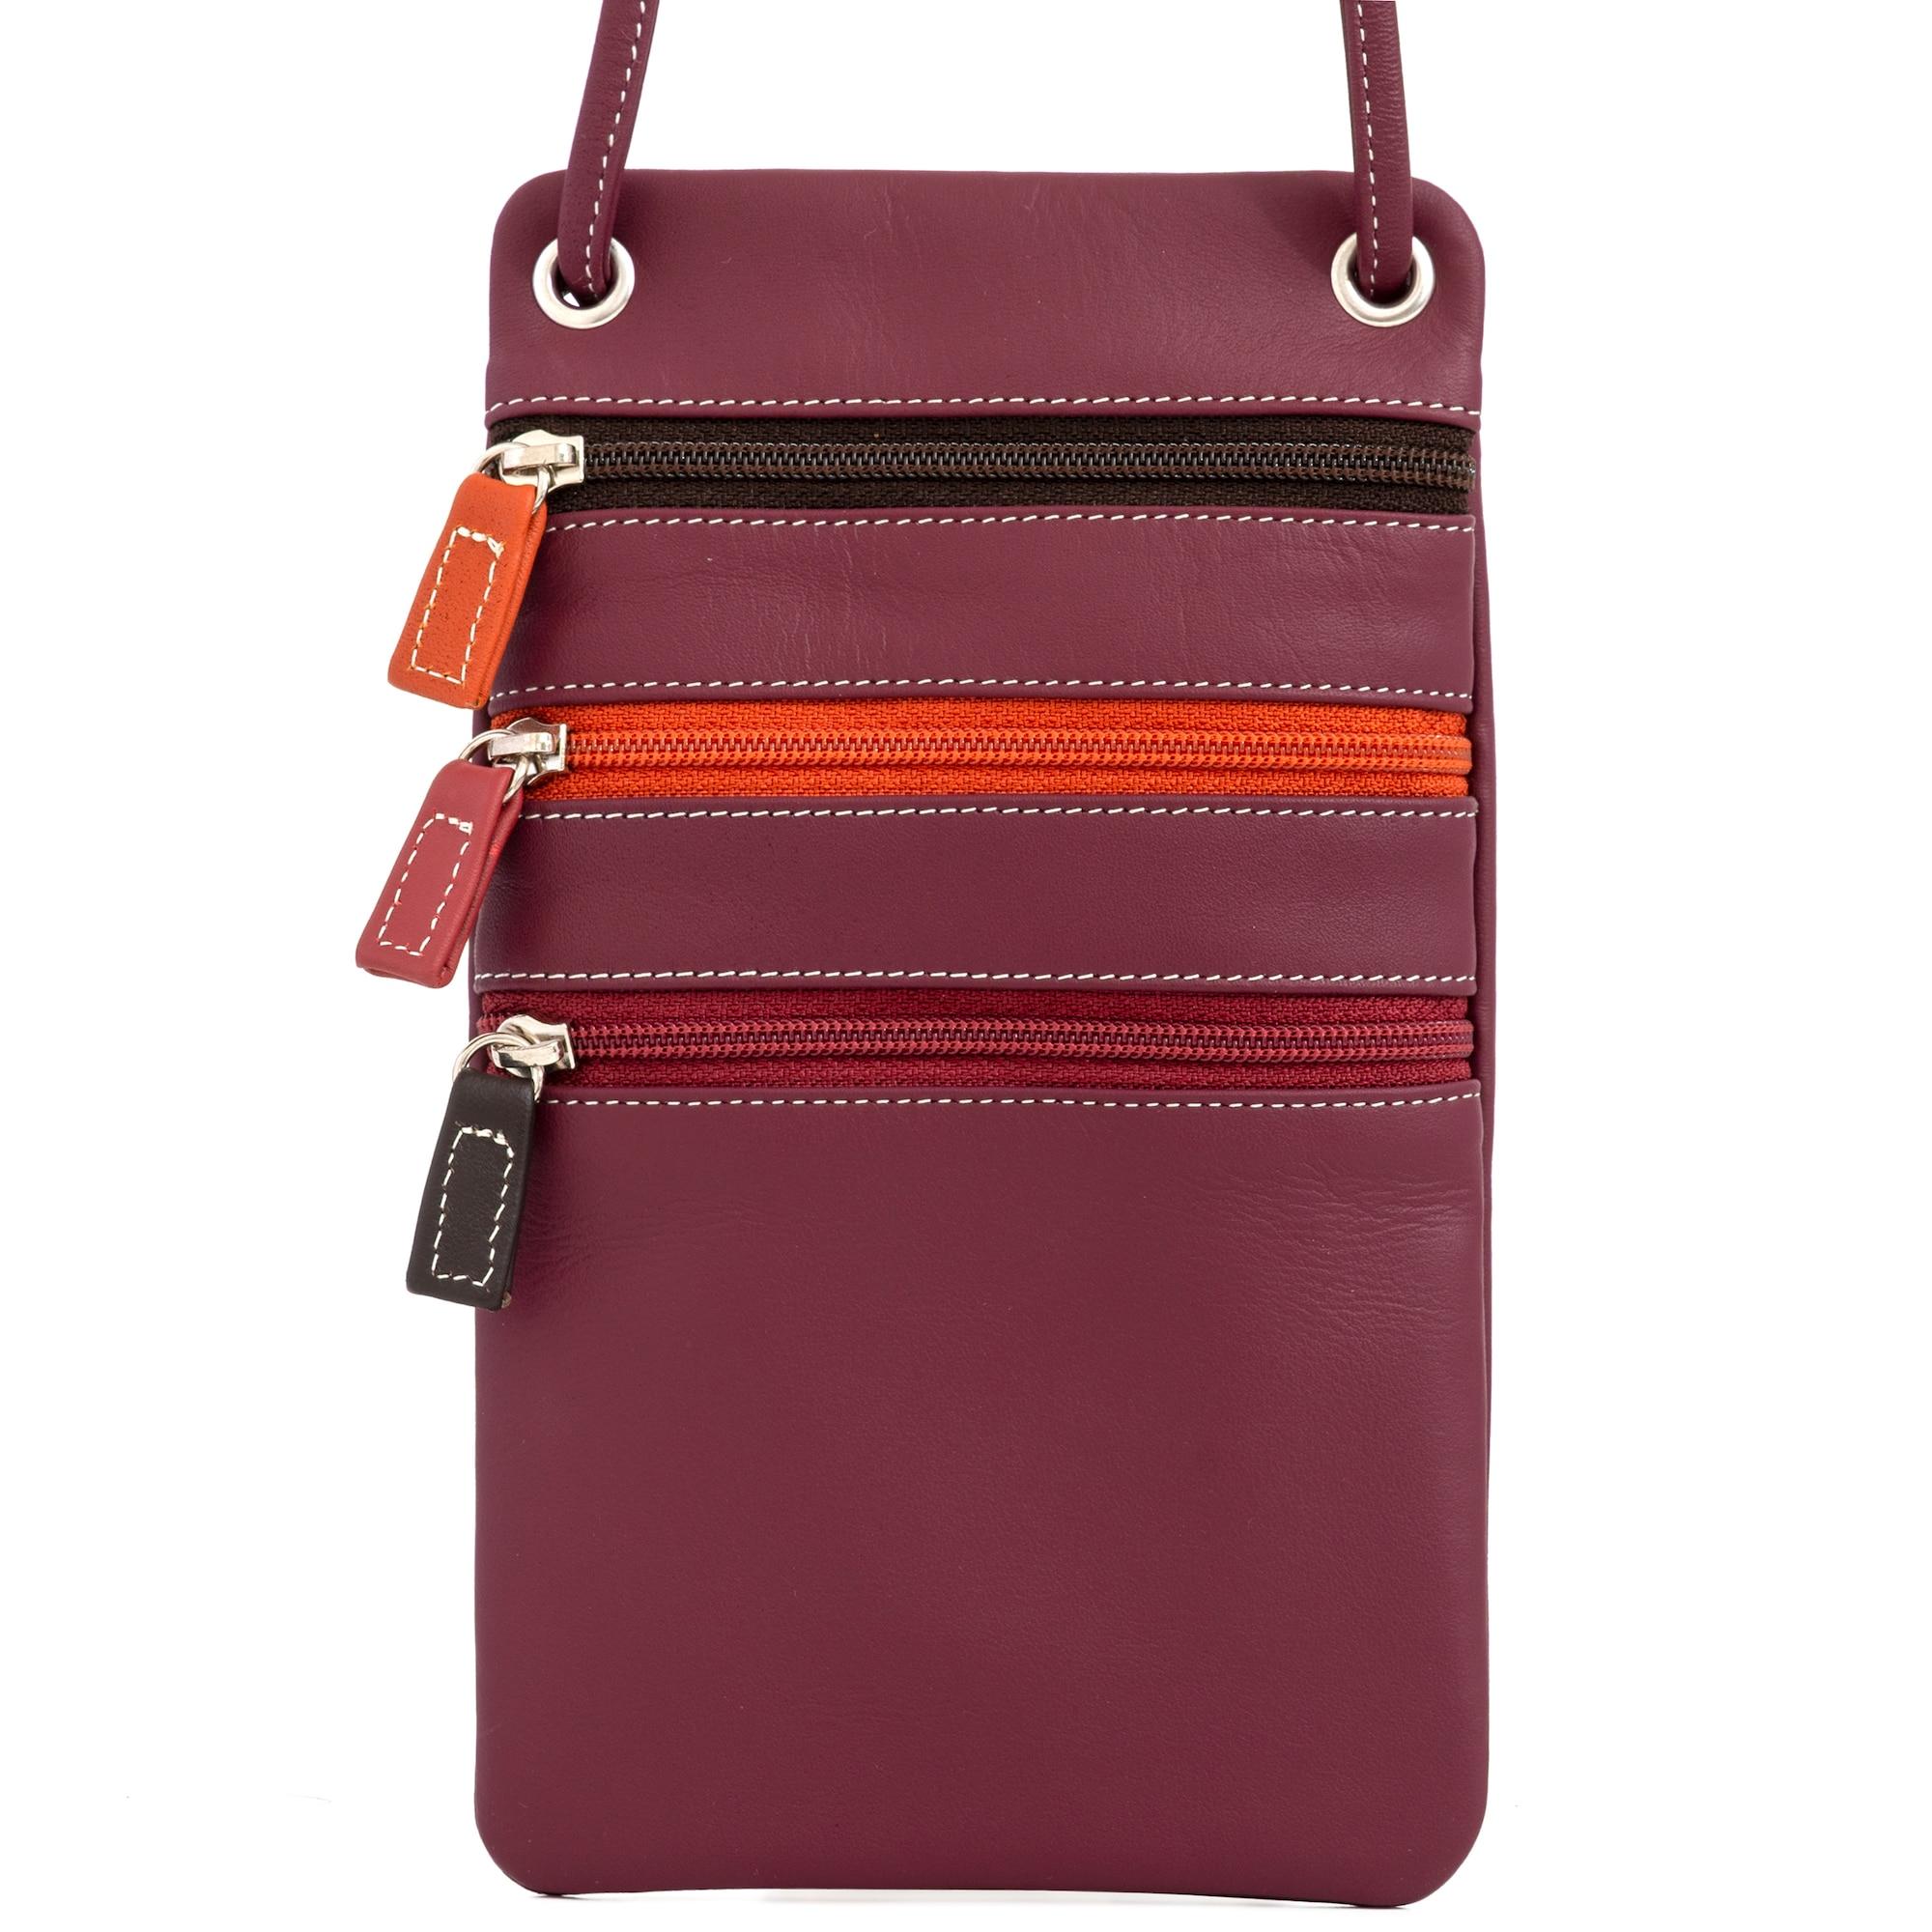 Brustbeutel | Accessoires > Portemonnaies > Brustbeutel | Mywalit